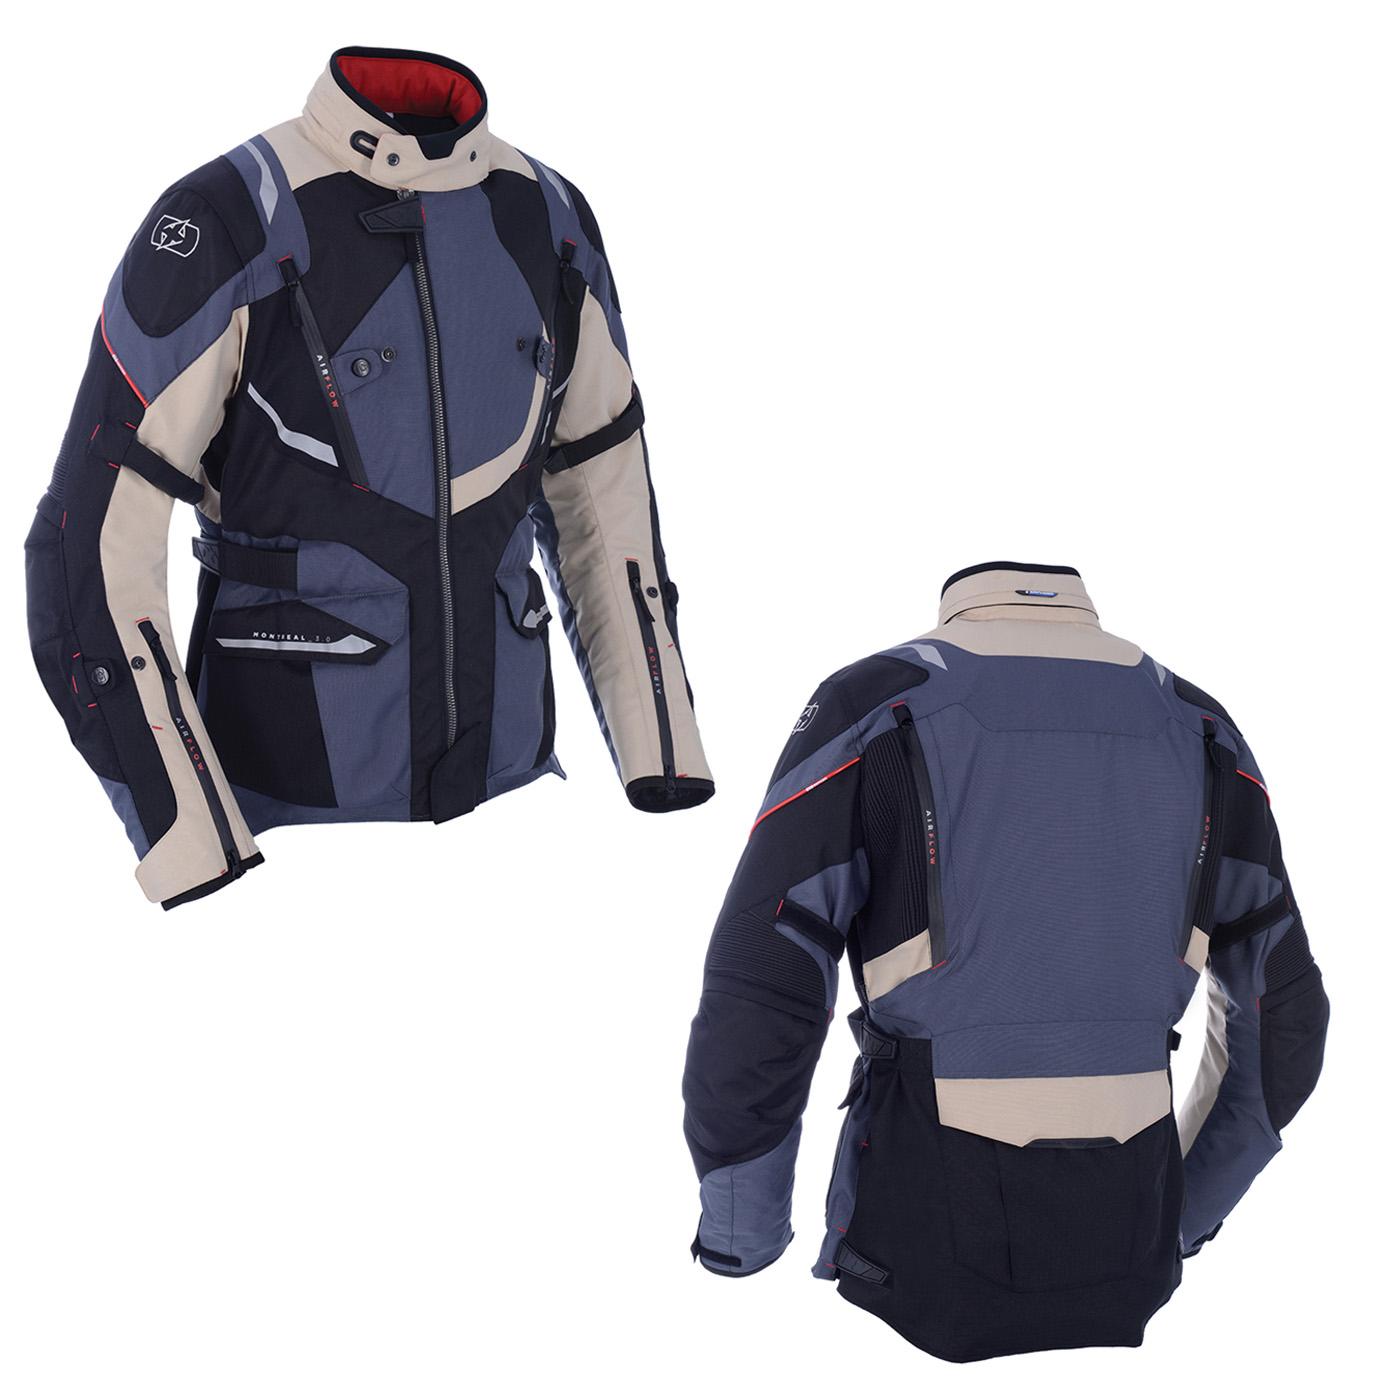 Desert Oxford Motorcycle Motorbike Waterproof Montreal 3.0 Textile Jacket